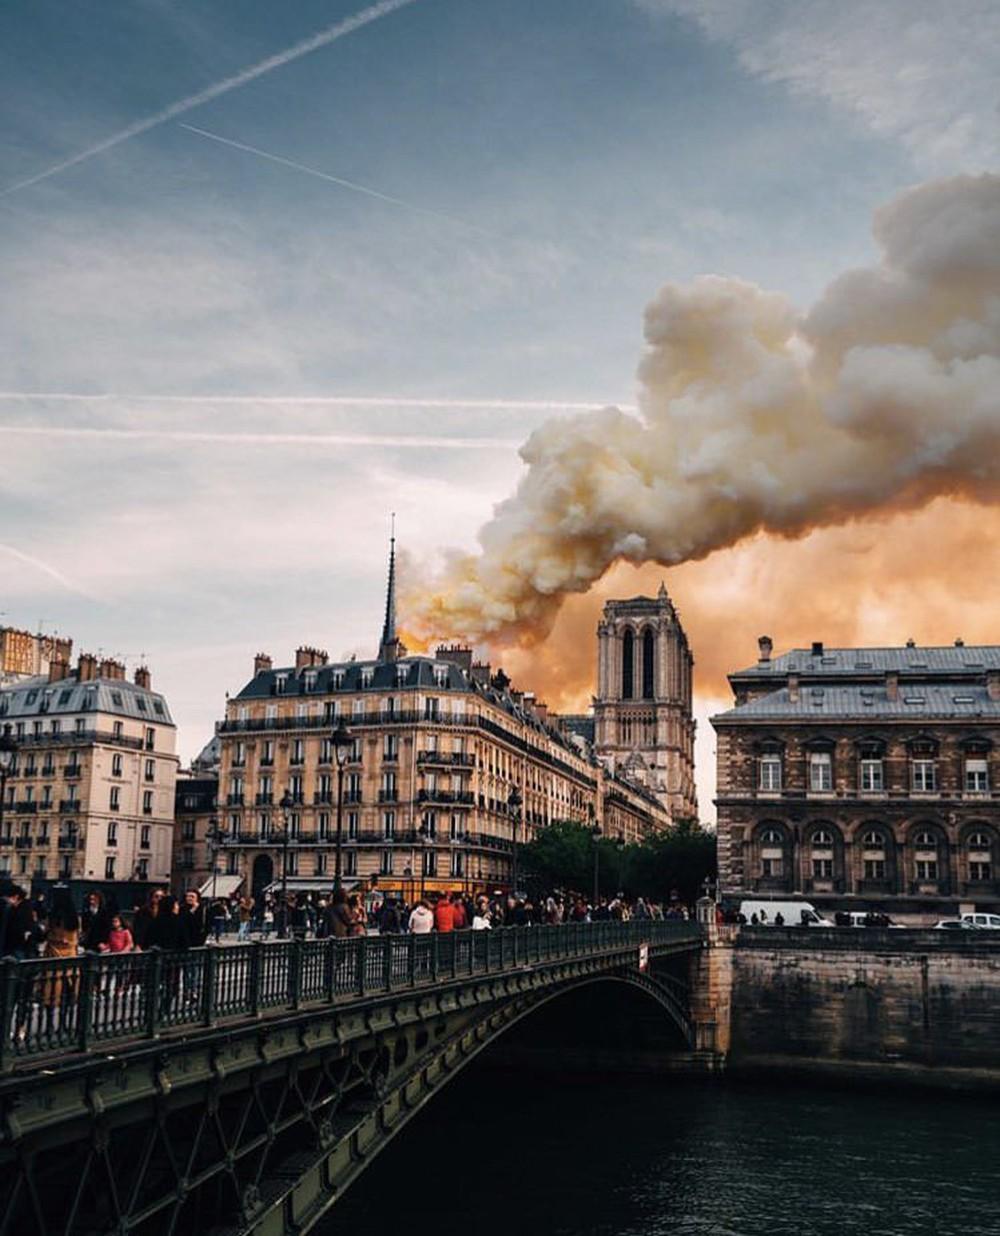 Những hình ảnh thảm khốc khi ngọn lửa lớn tàn phá Nhà thờ Đức Bà Paris tối 15/4 - Ảnh 3.